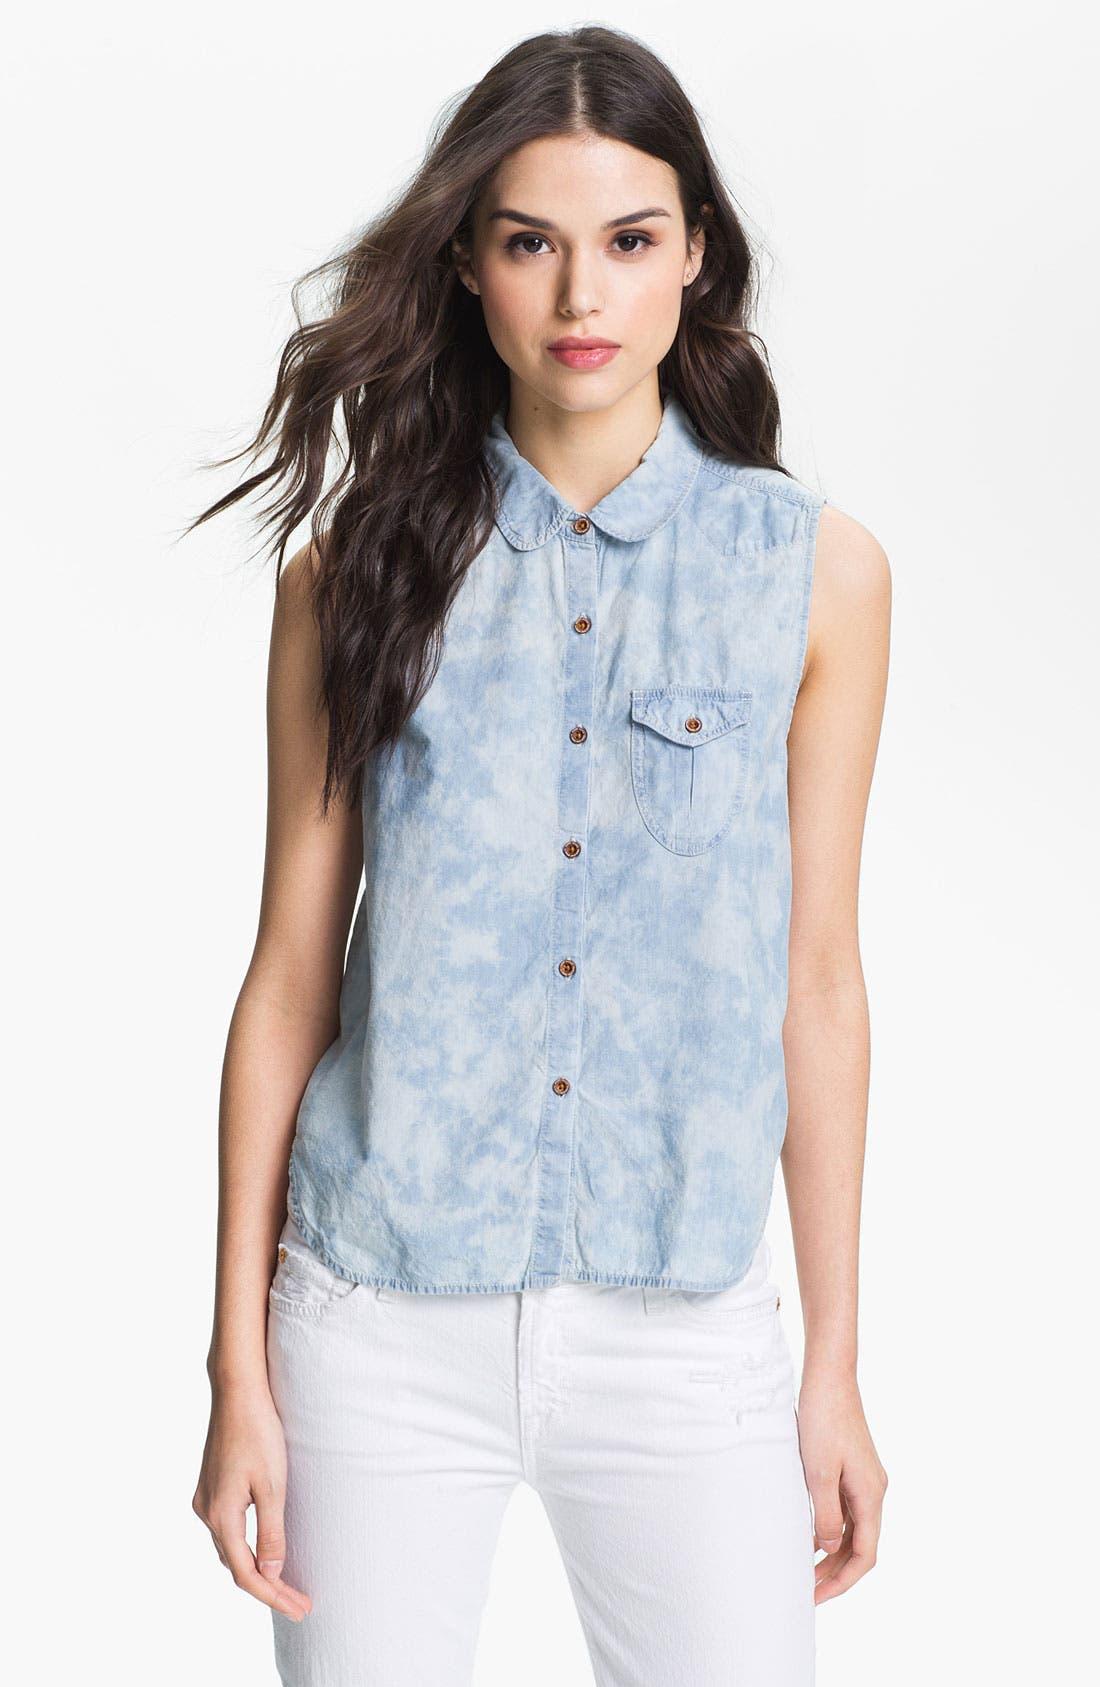 Main Image - Maison Scotch 'Arch' Tie Dye Chambray Sleeveless Shirt